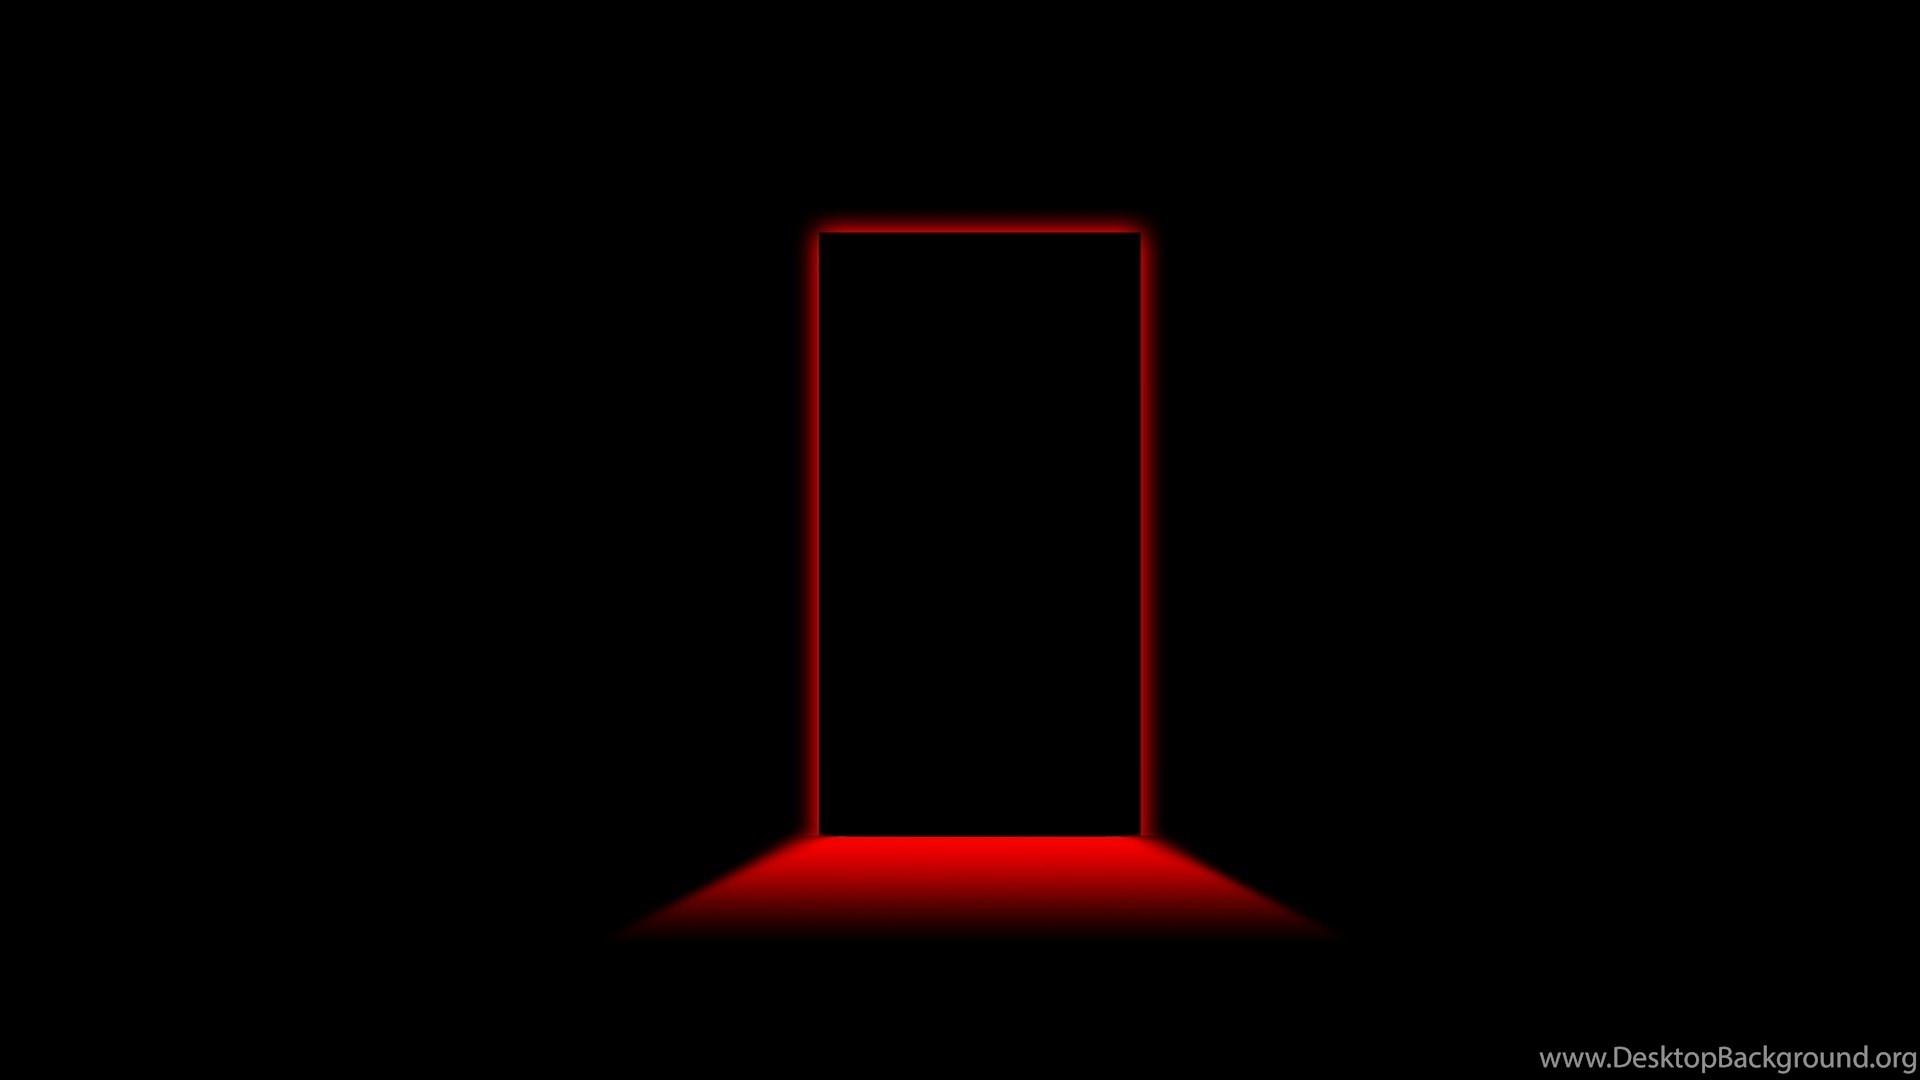 黒と赤のhd 壁紙1366 X 786 Hd 1366x768 Wallpapertip